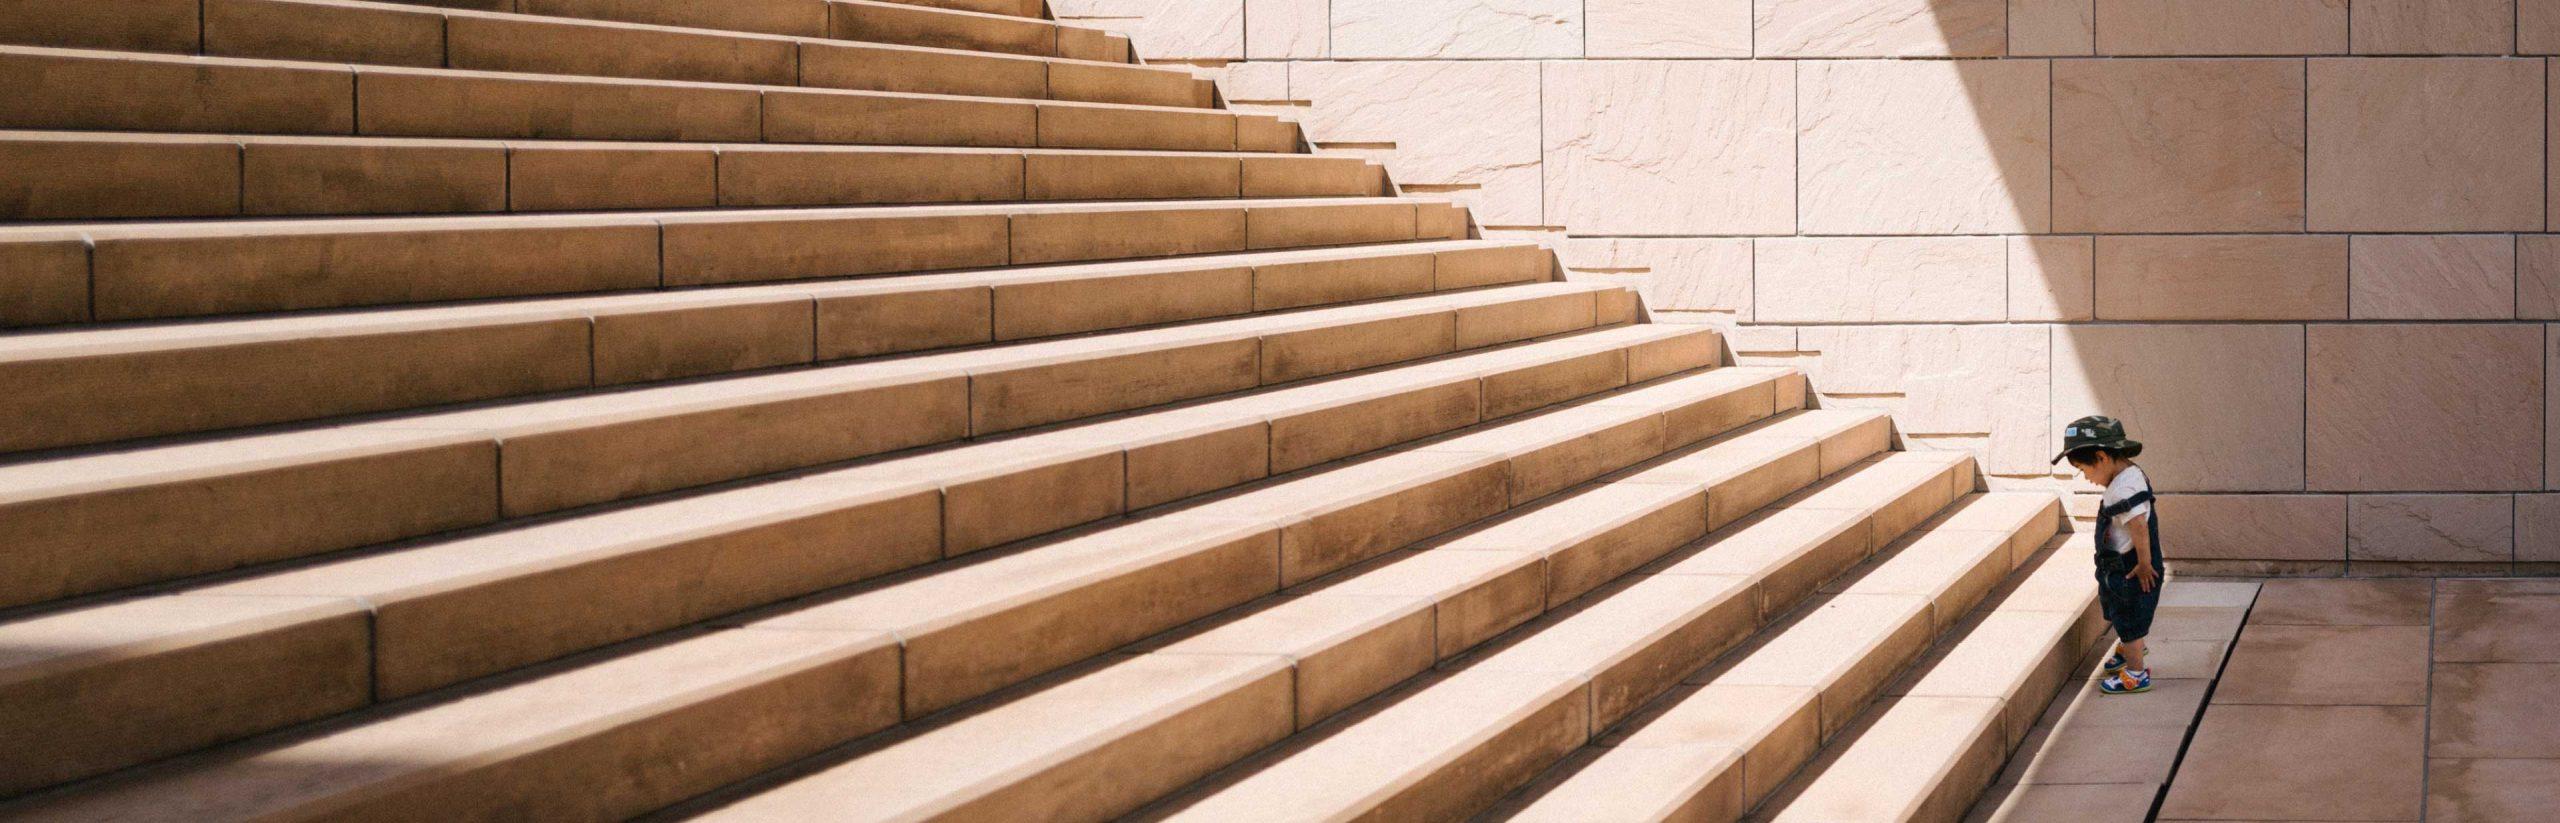 Mini-uitdagingen helpen je je leefstijl te veranderen (interview)